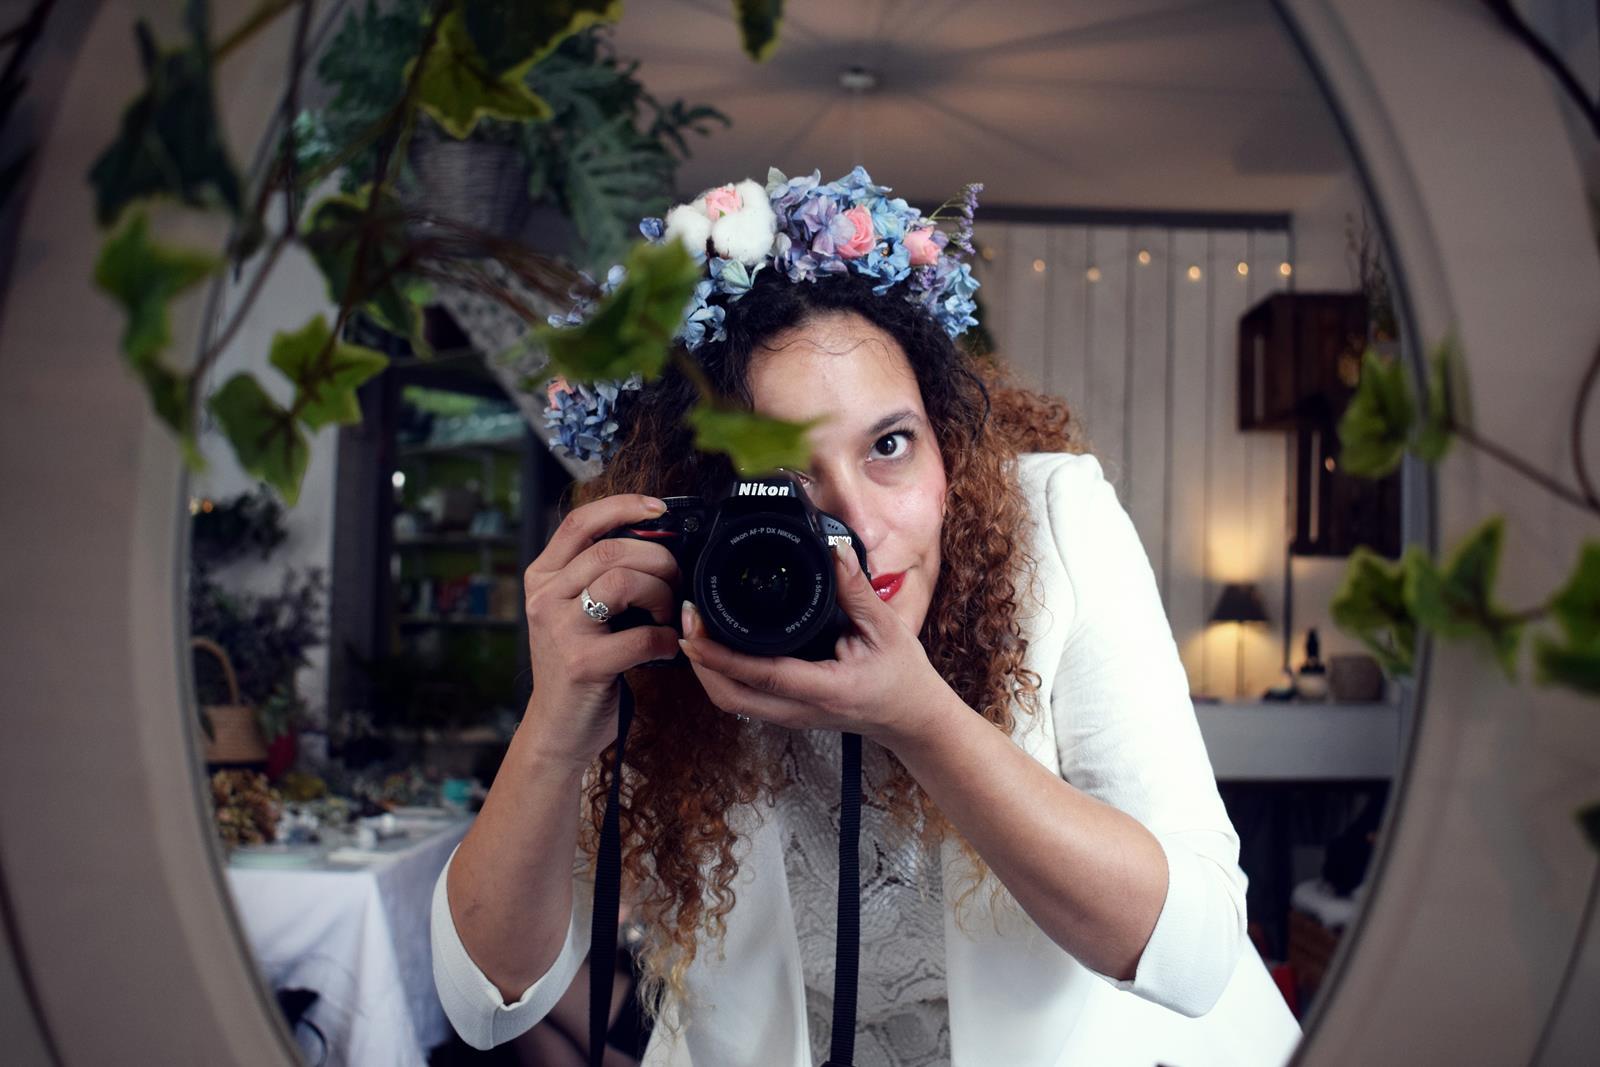 Couronnes de fleur et photos chateaubriantbis